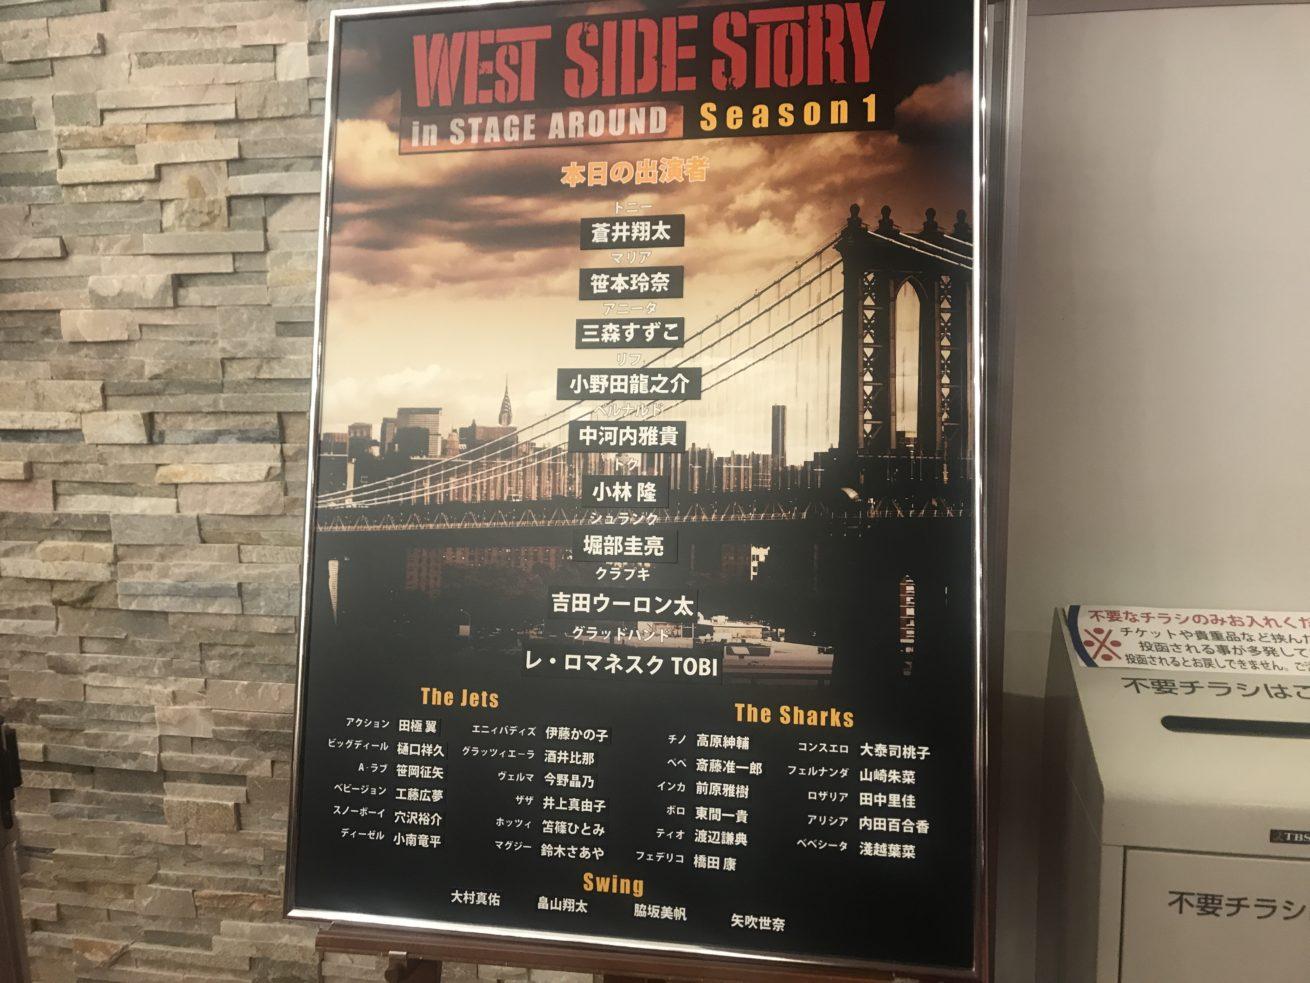 ウエストサイドストーリーキャスト表